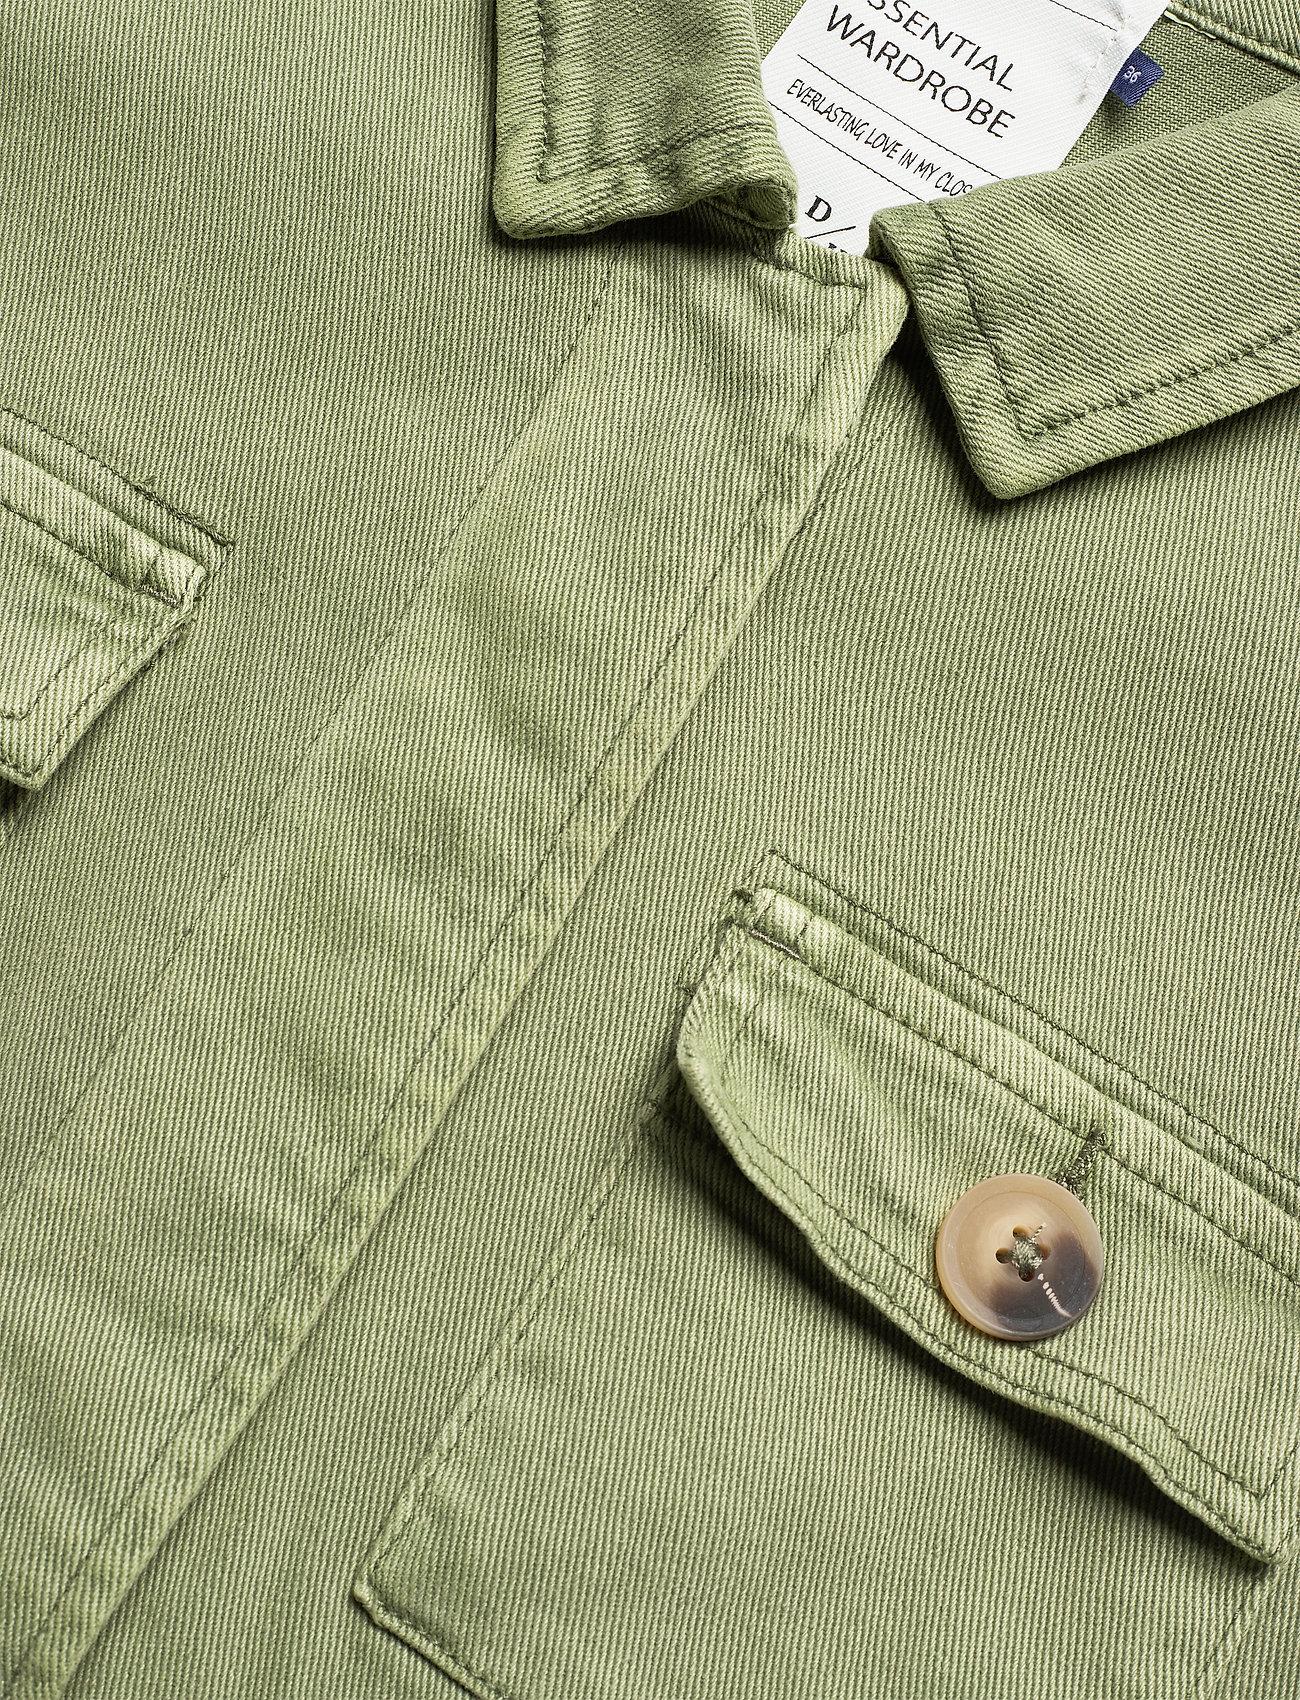 Denim Hunter 20 THE ARMY JACKET - Kurtki i Płaszcze DUSTY OLIVE - Kobiety Odzież.